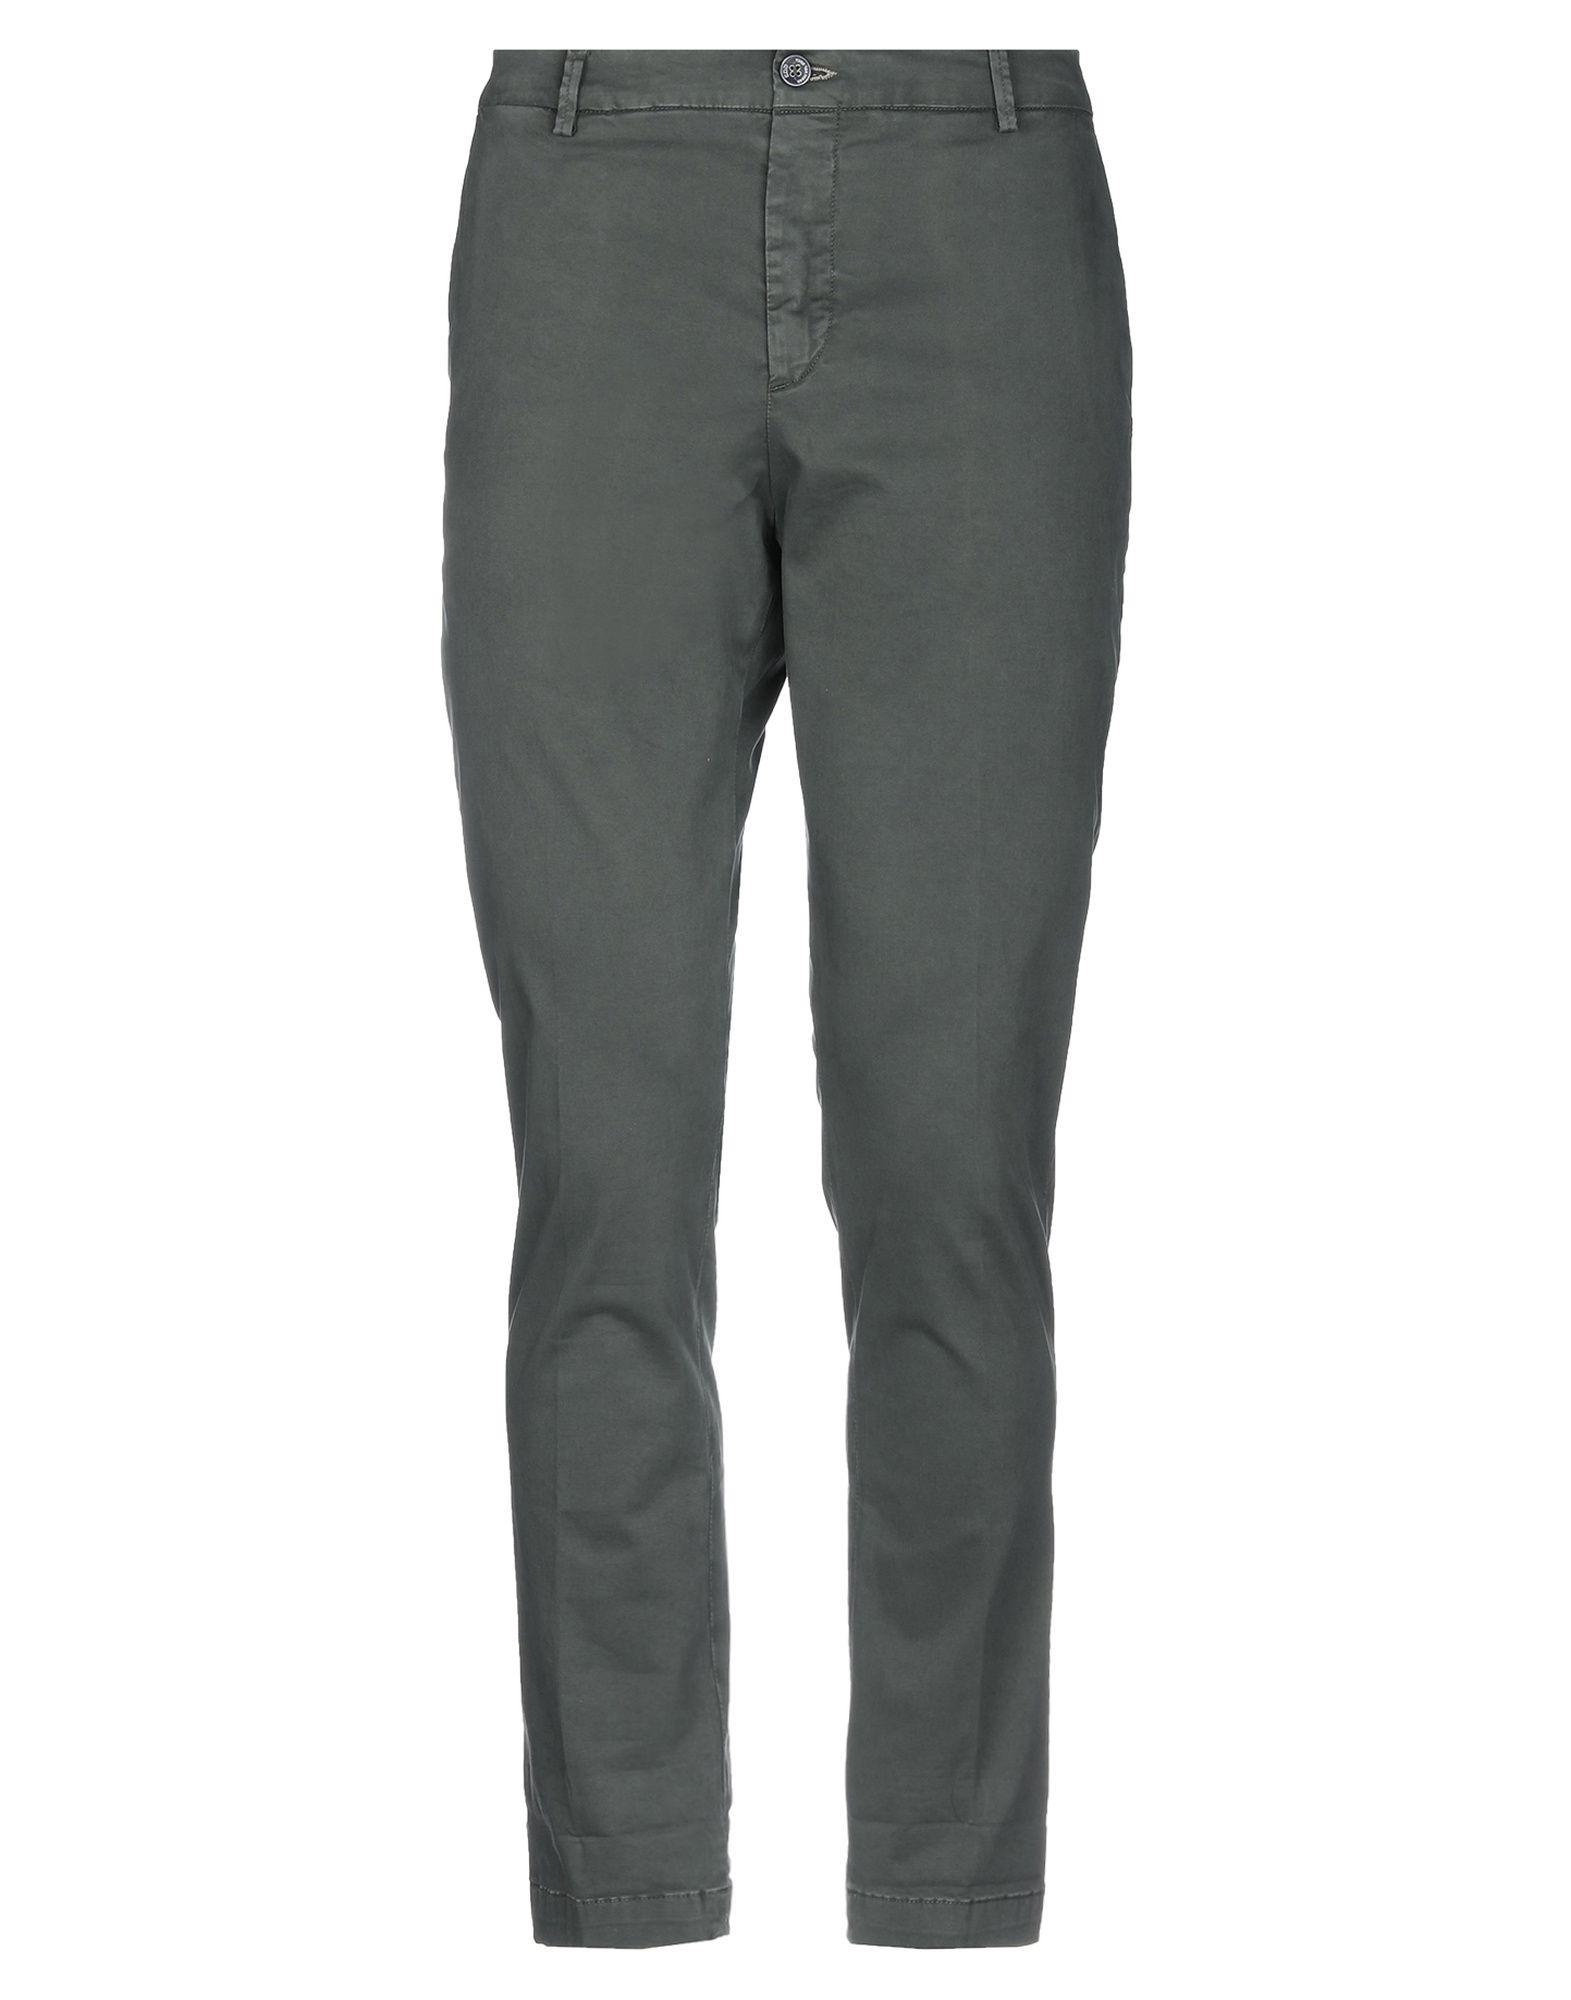 《期間限定セール開催中!》EREDI DEL DUCA メンズ パンツ ミリタリーグリーン 52 コットン 97% / ポリウレタン 3%